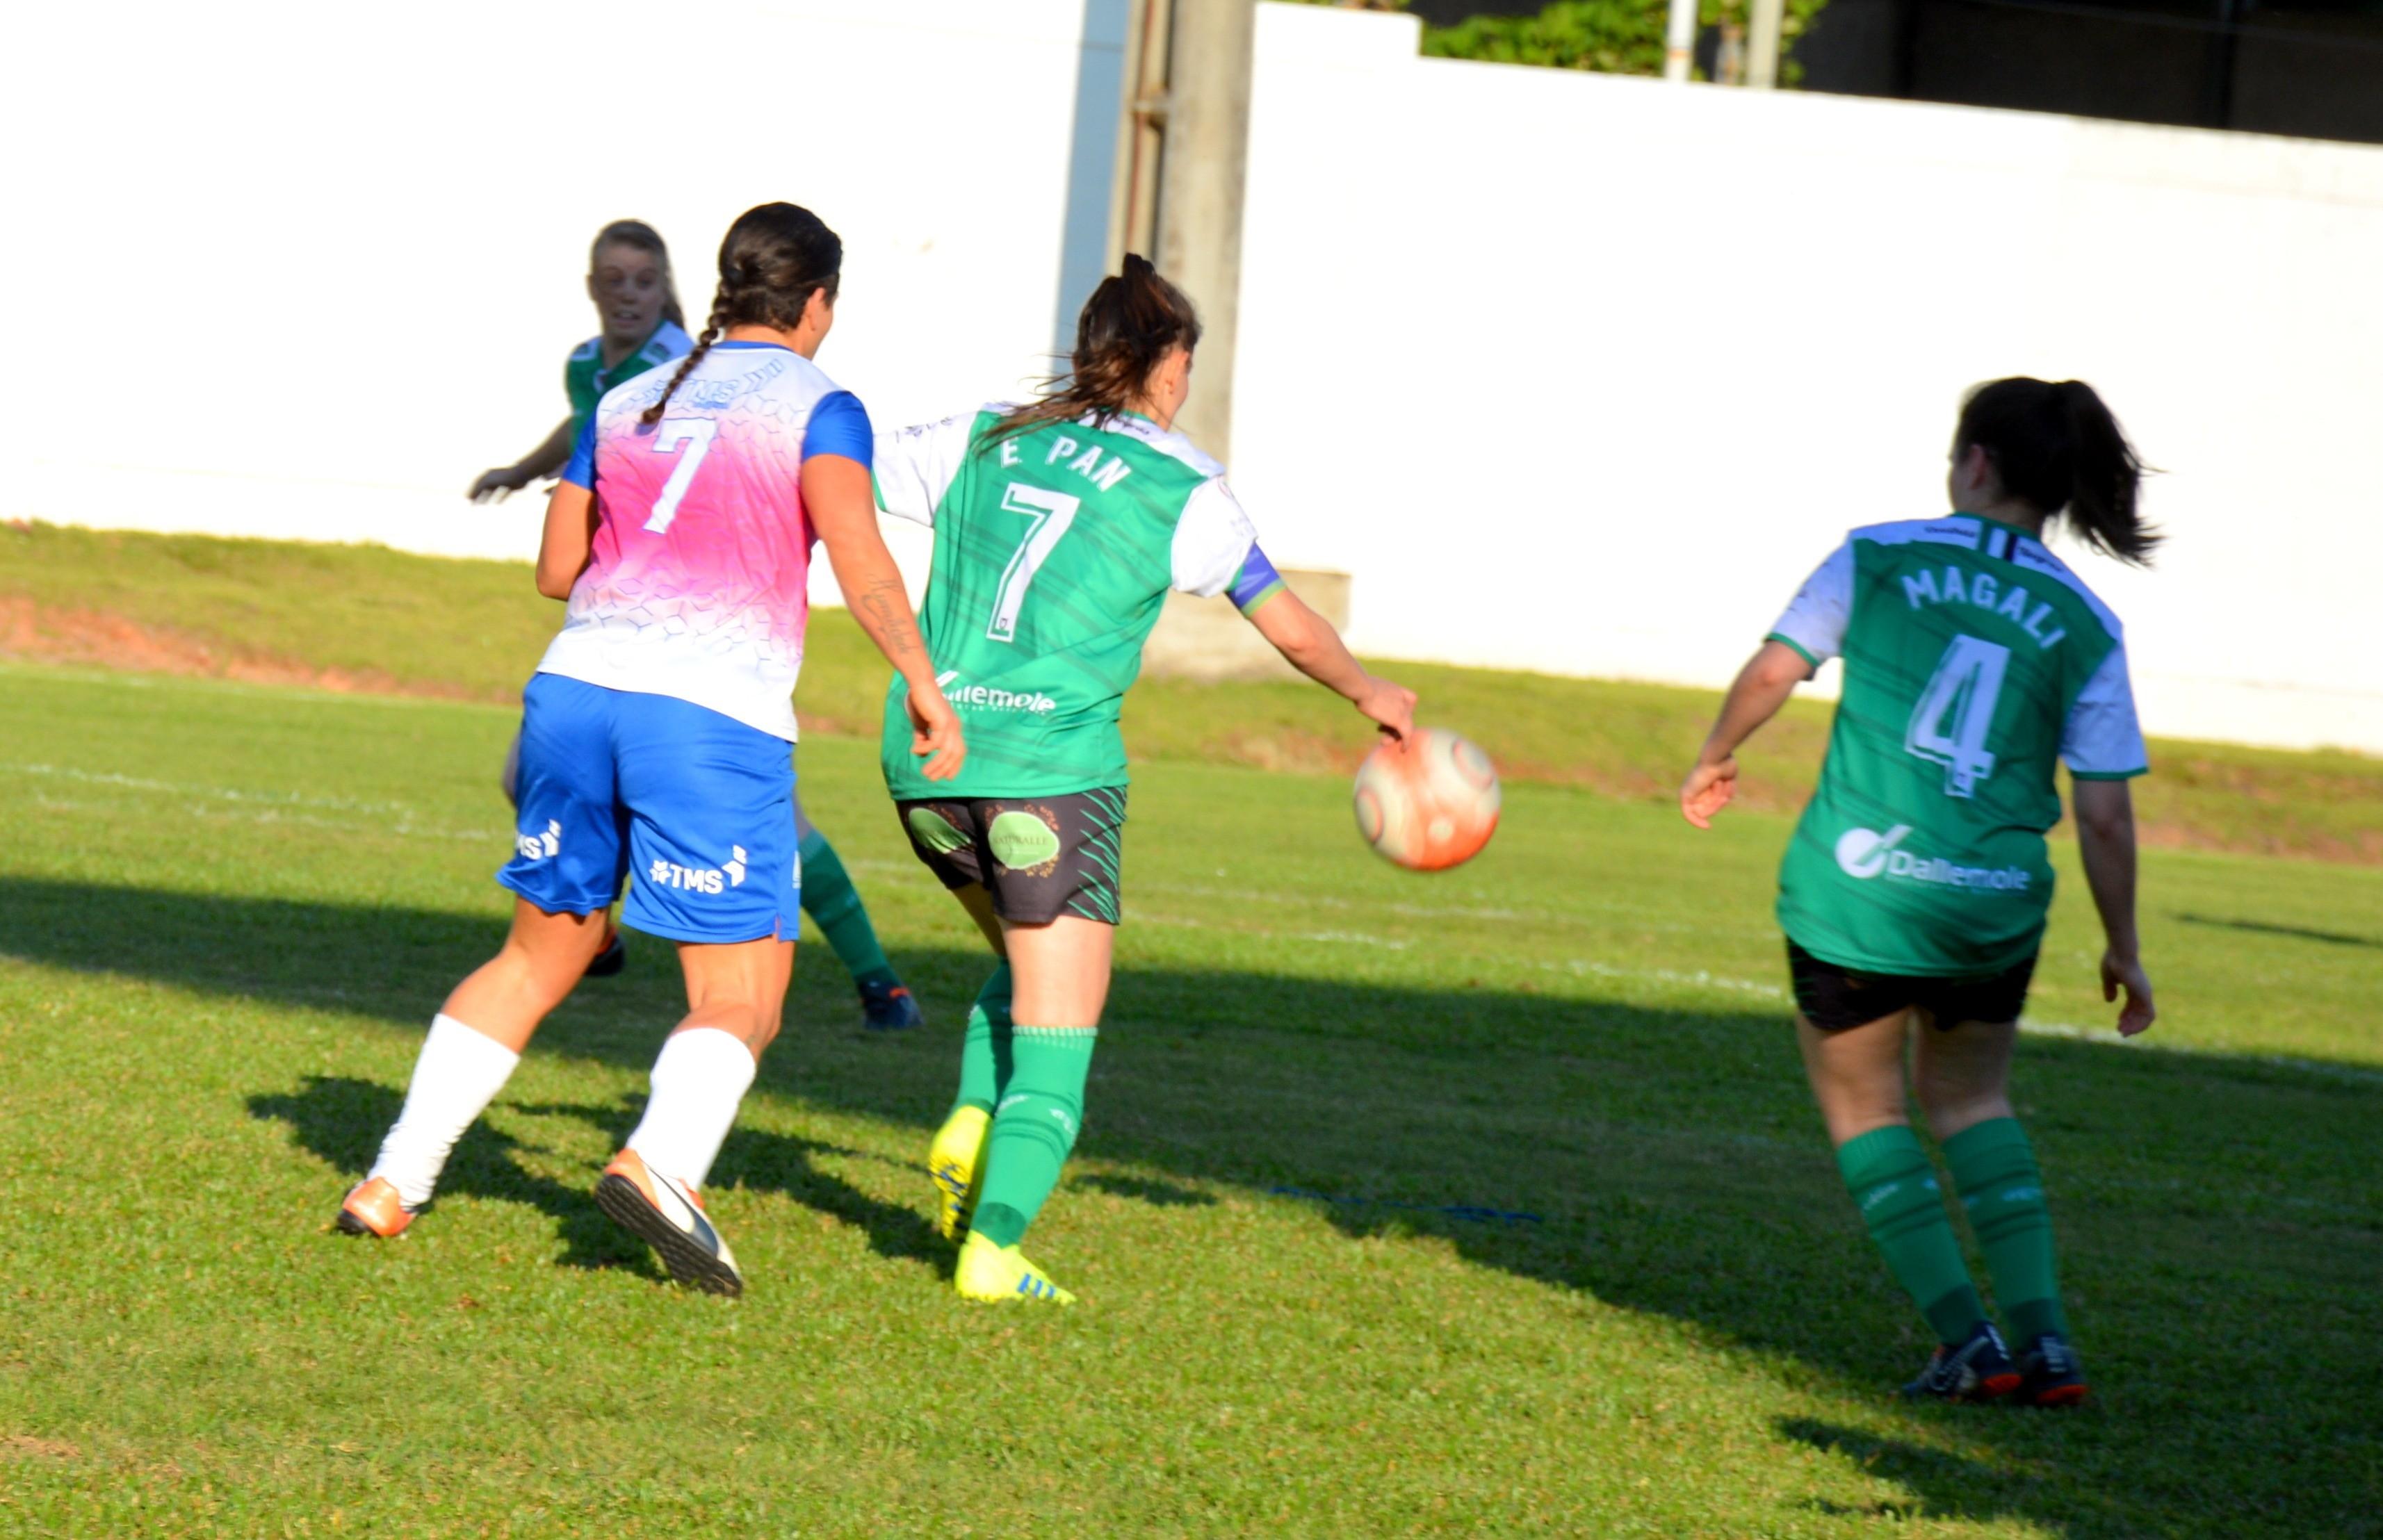 Com cinco equipes, futebol 7 feminino de Flores da Cunha começa neste sábado